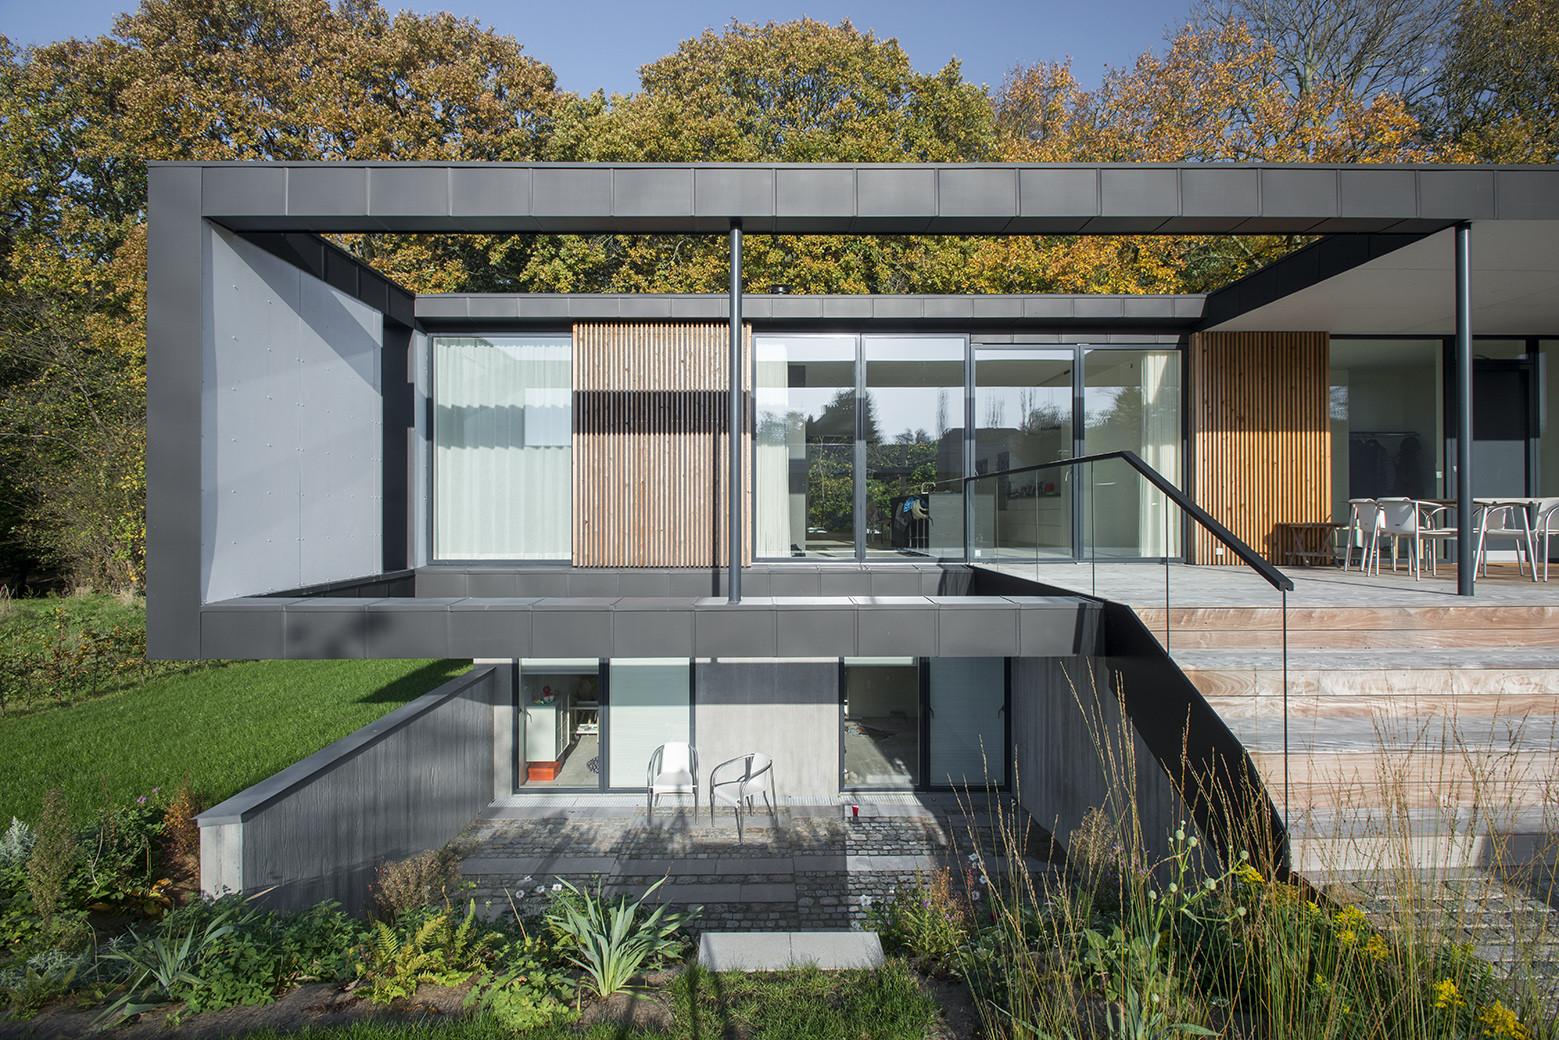 Villa R / C.F. Møller Architects, © Julian Weyer